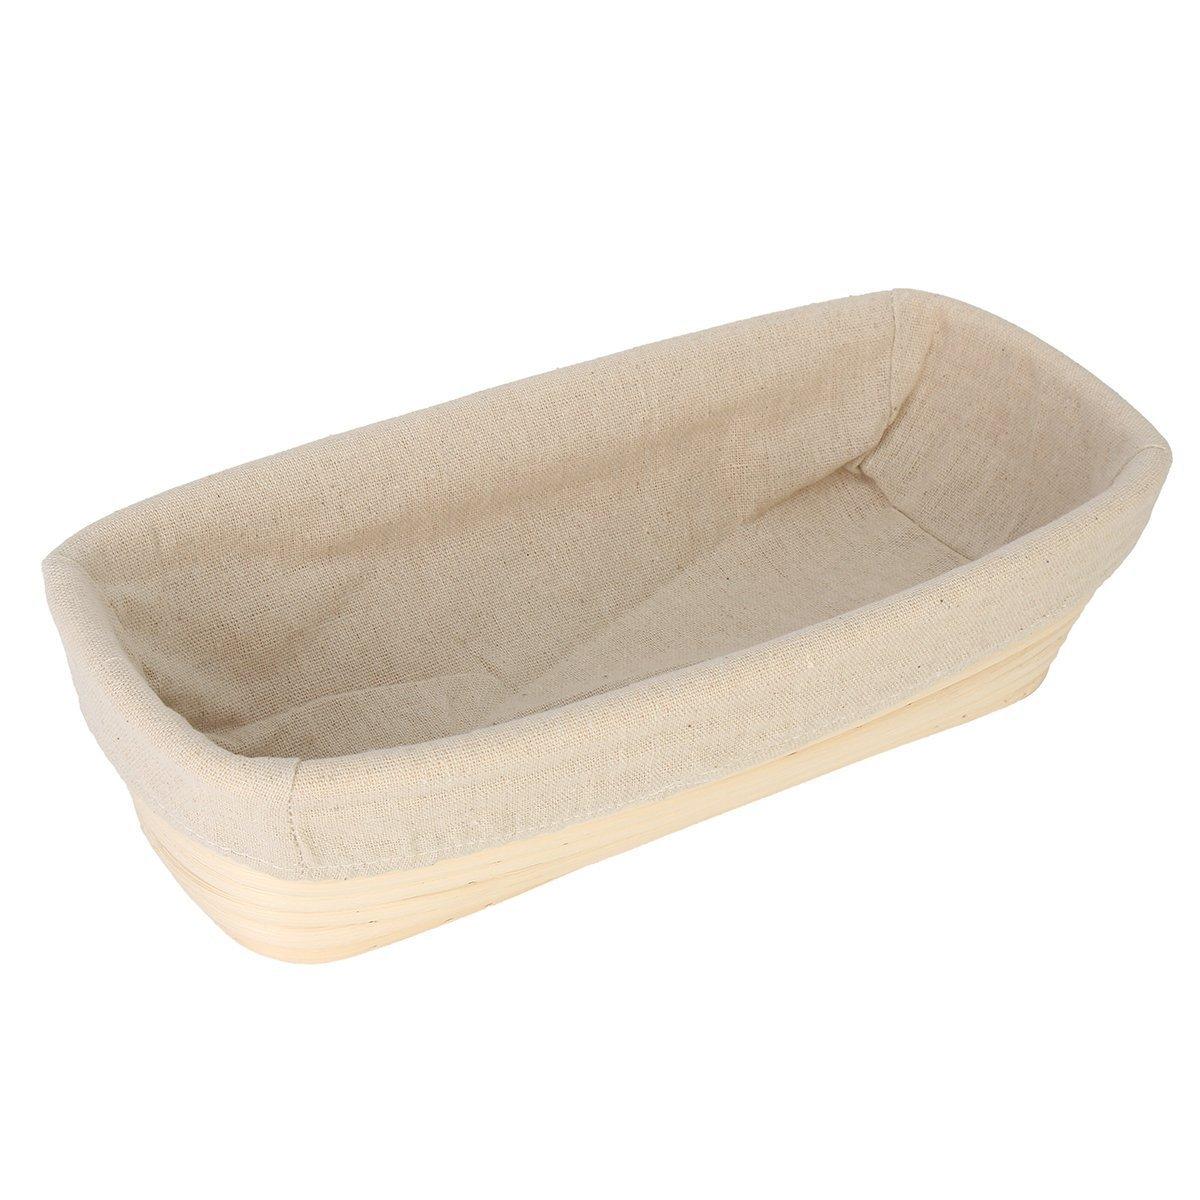 BetterJonny - 12'' Oblong Banneton Brotform Bread Dough Proofing Basket & Liner Combo